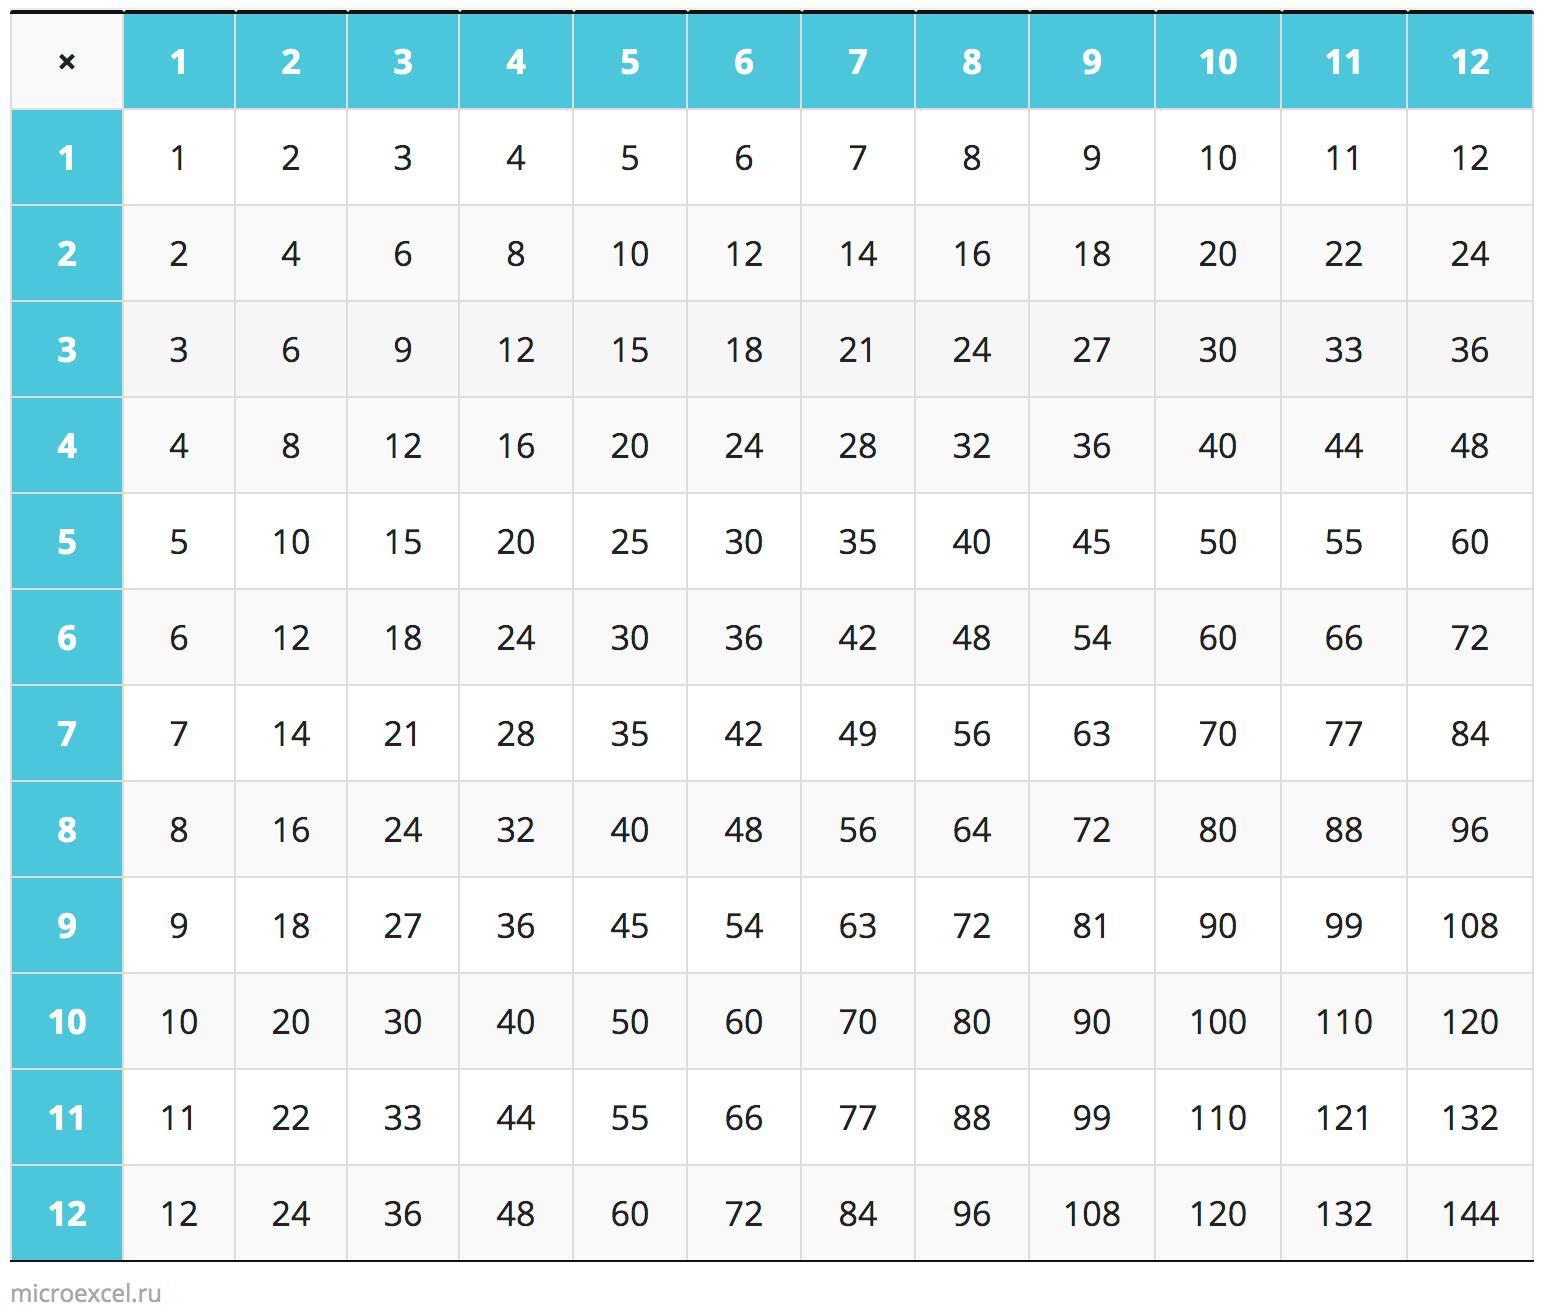 Таблица умножения чисел